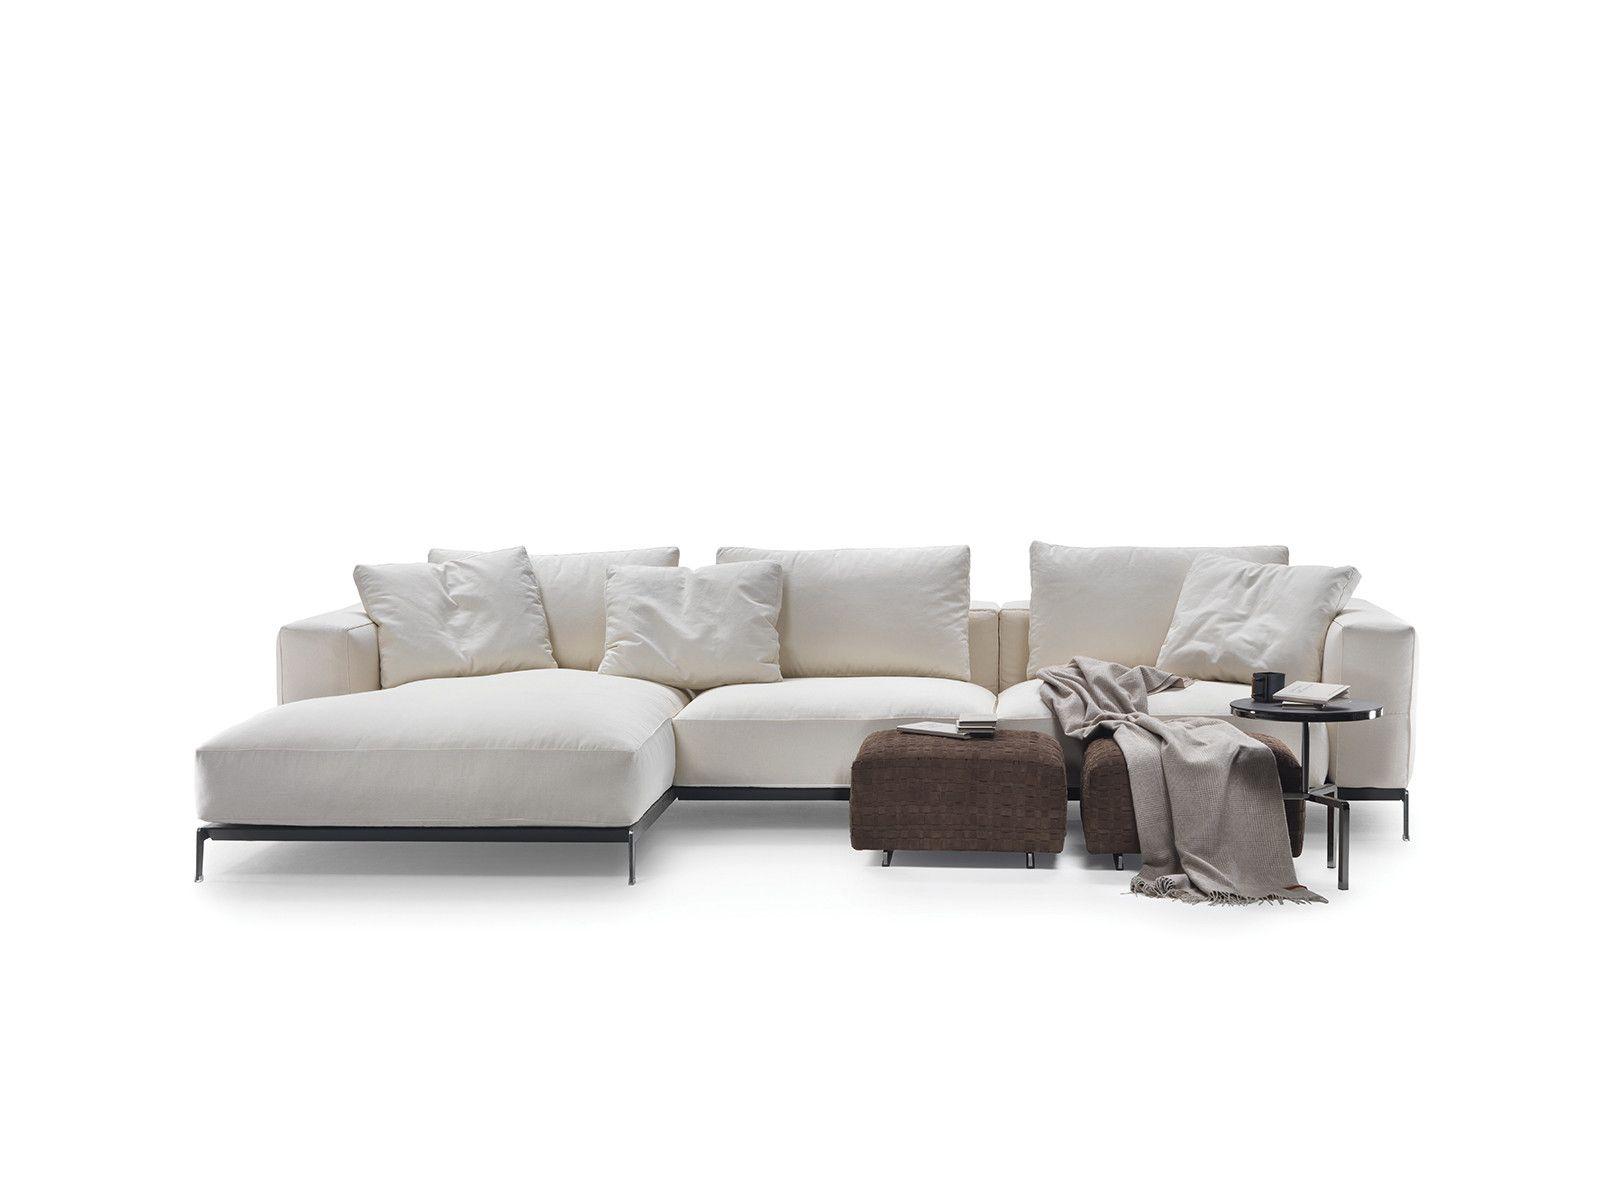 Ettore 2016 divano con chaise longue collezione ettore for Chaise longue flexform